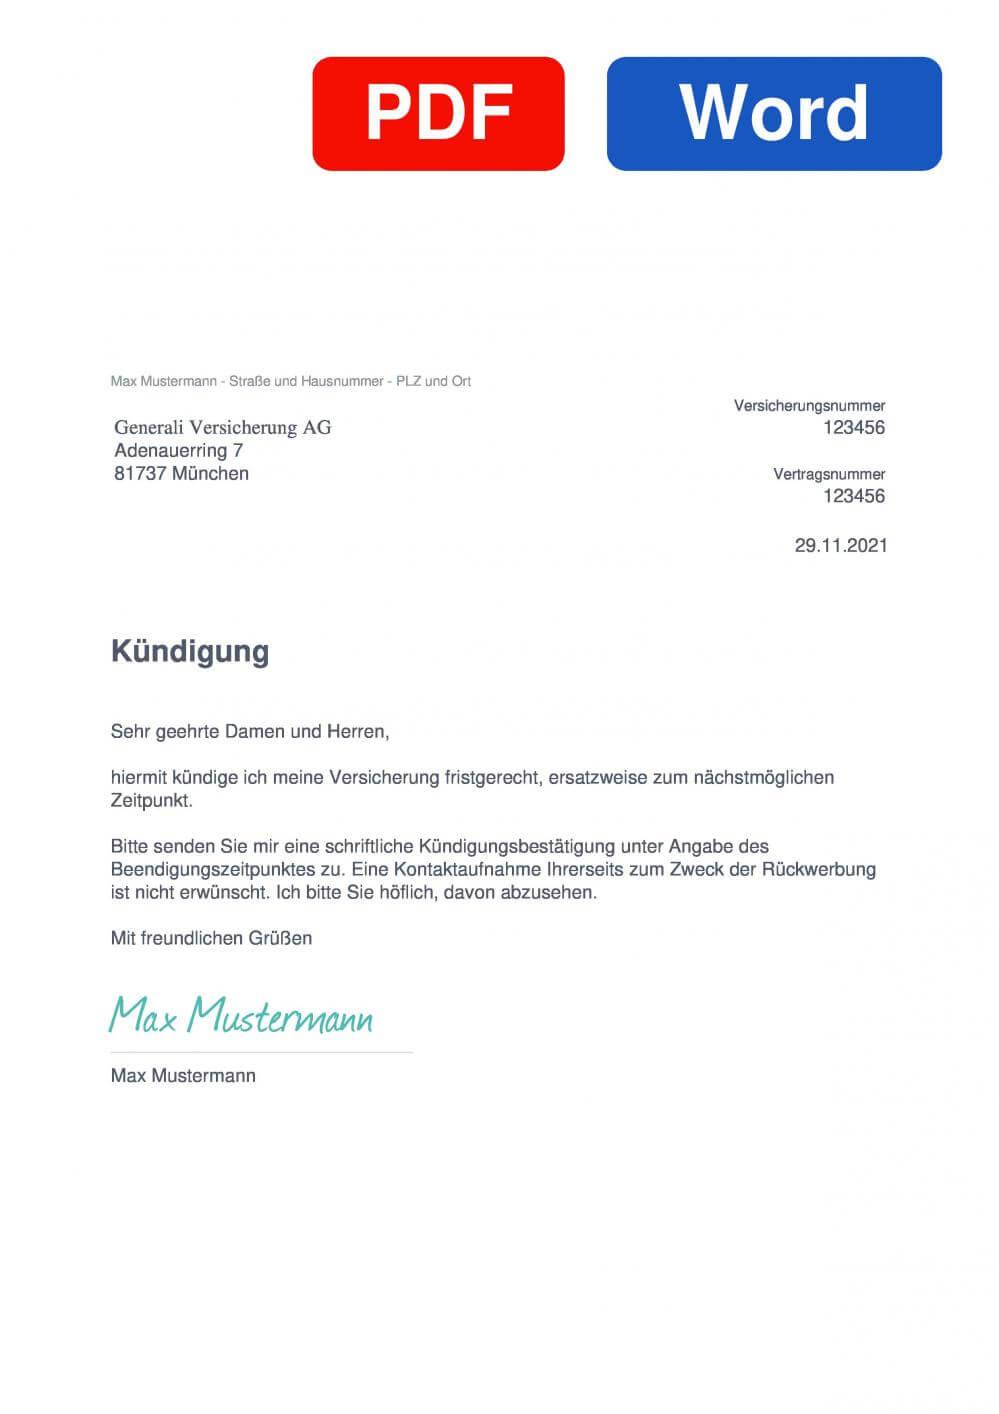 Generali Betriebsrente Muster Vorlage für Kündigungsschreiben